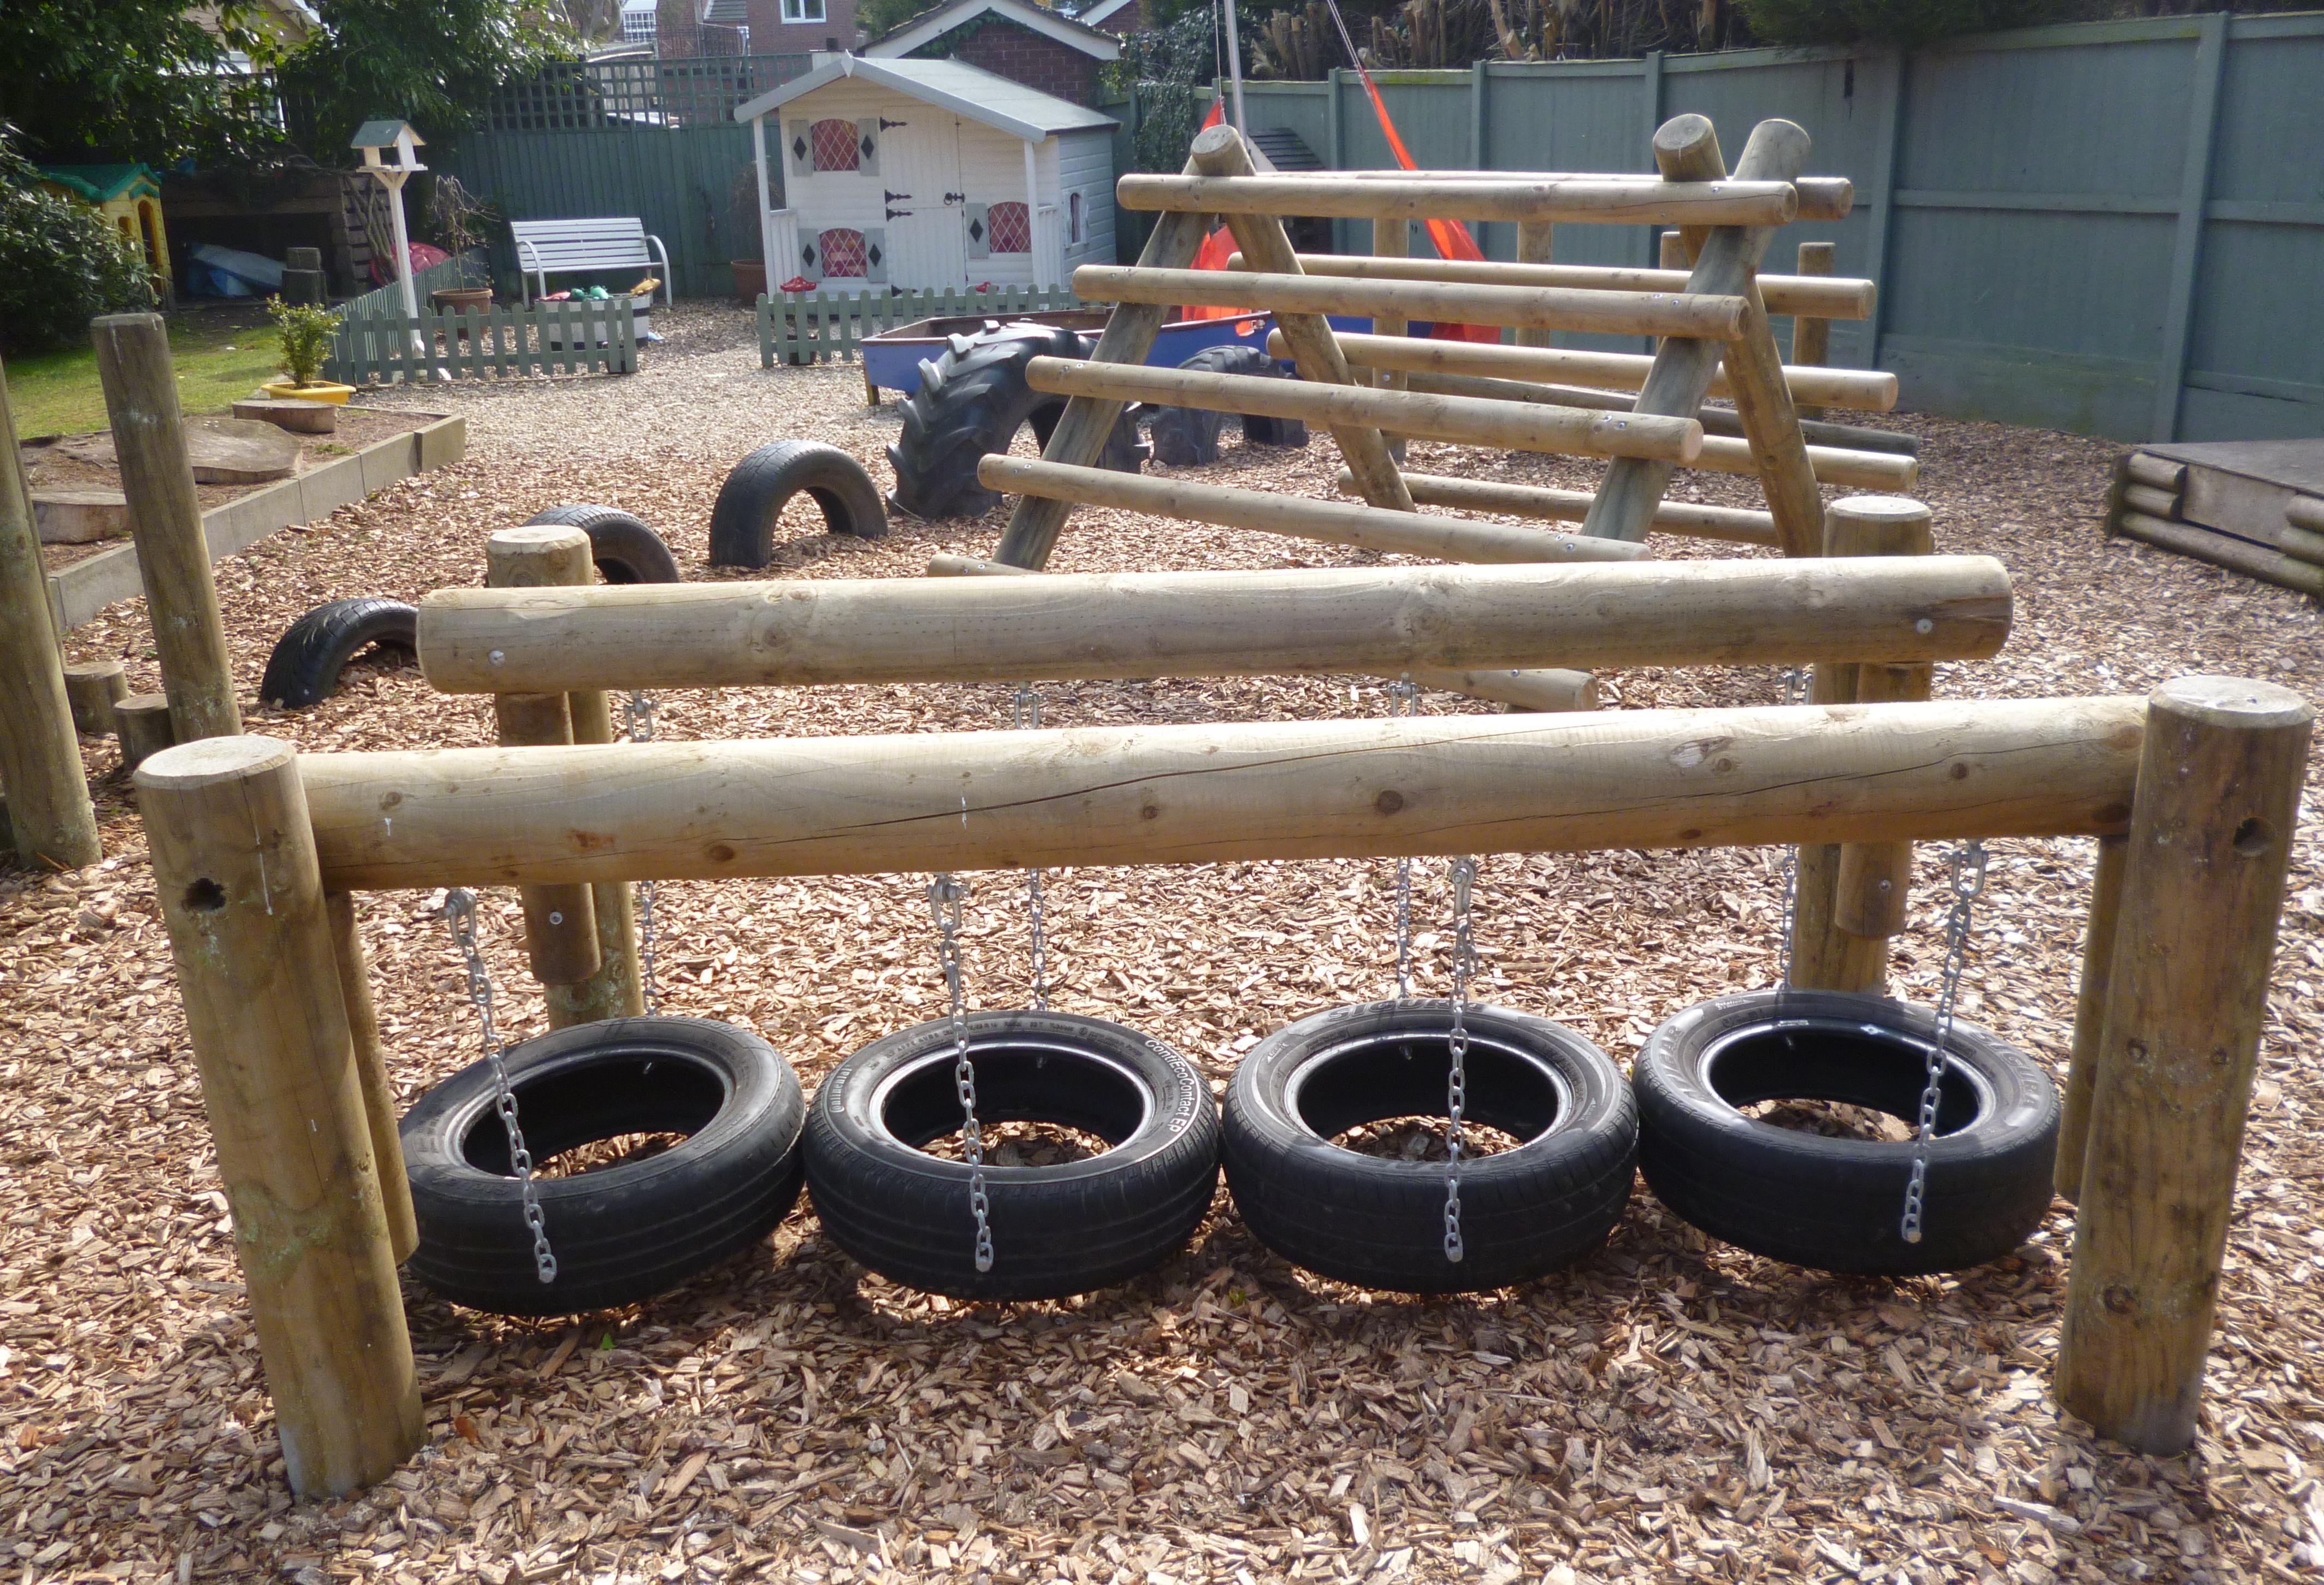 Abenteuerspielplatz Für Kinder Zum Spielen Im Freien Spielplatz Spielplatz Im Freien Garten Spielplatz